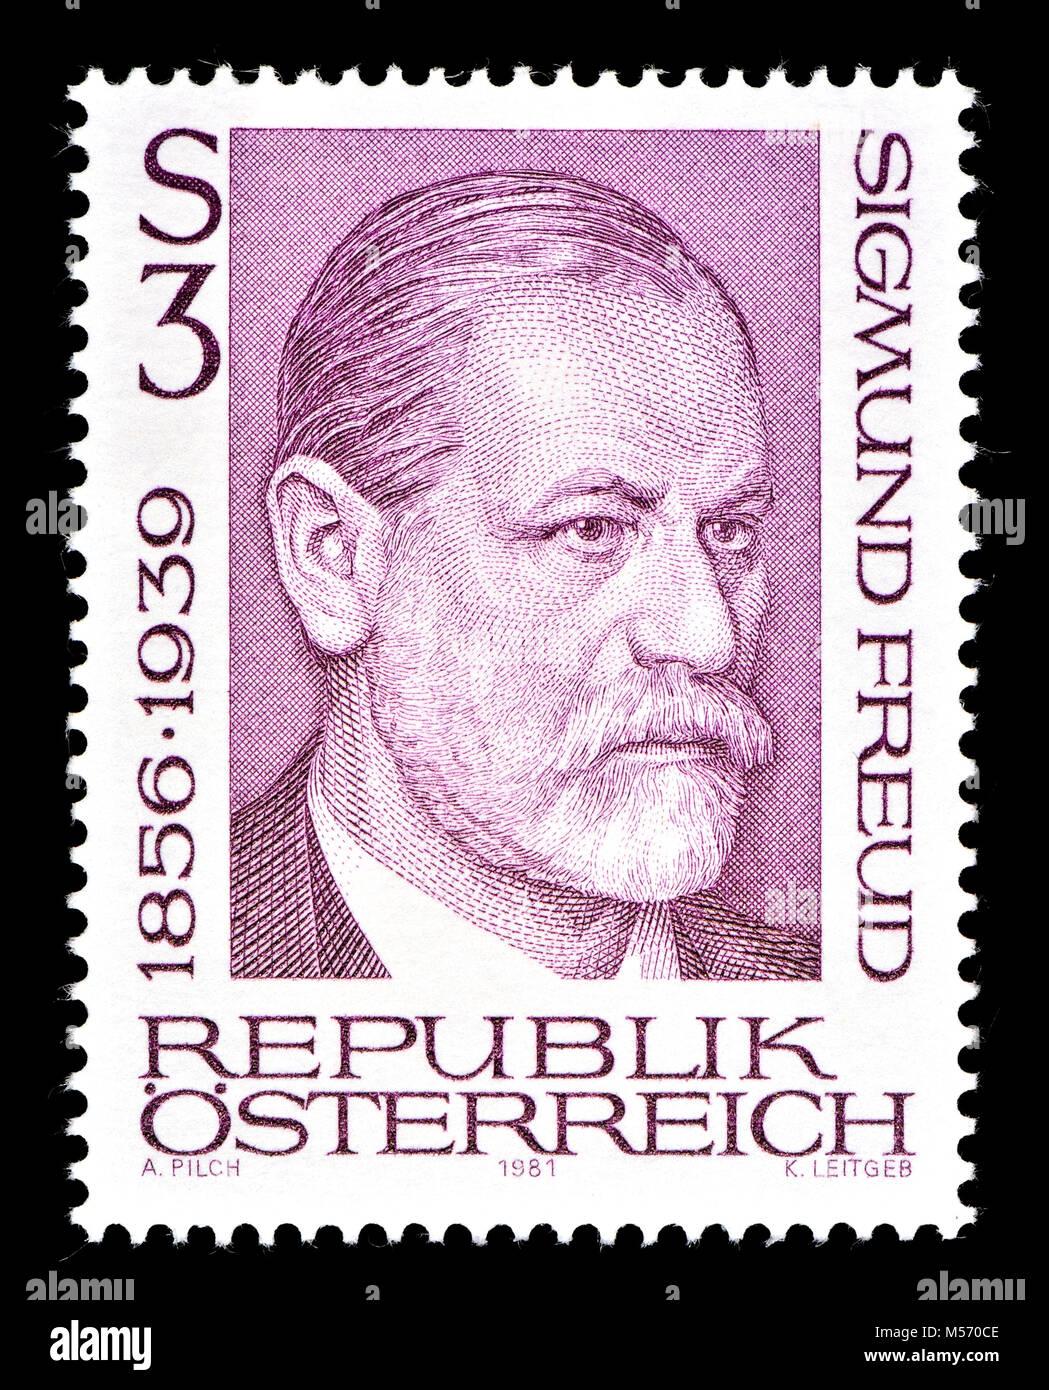 Austrian postage stamp (1981) : Sigmund Freud (born Sigismund Schlomo Freud; 1856 – 1939) was an Austrian neurologist - Stock Image